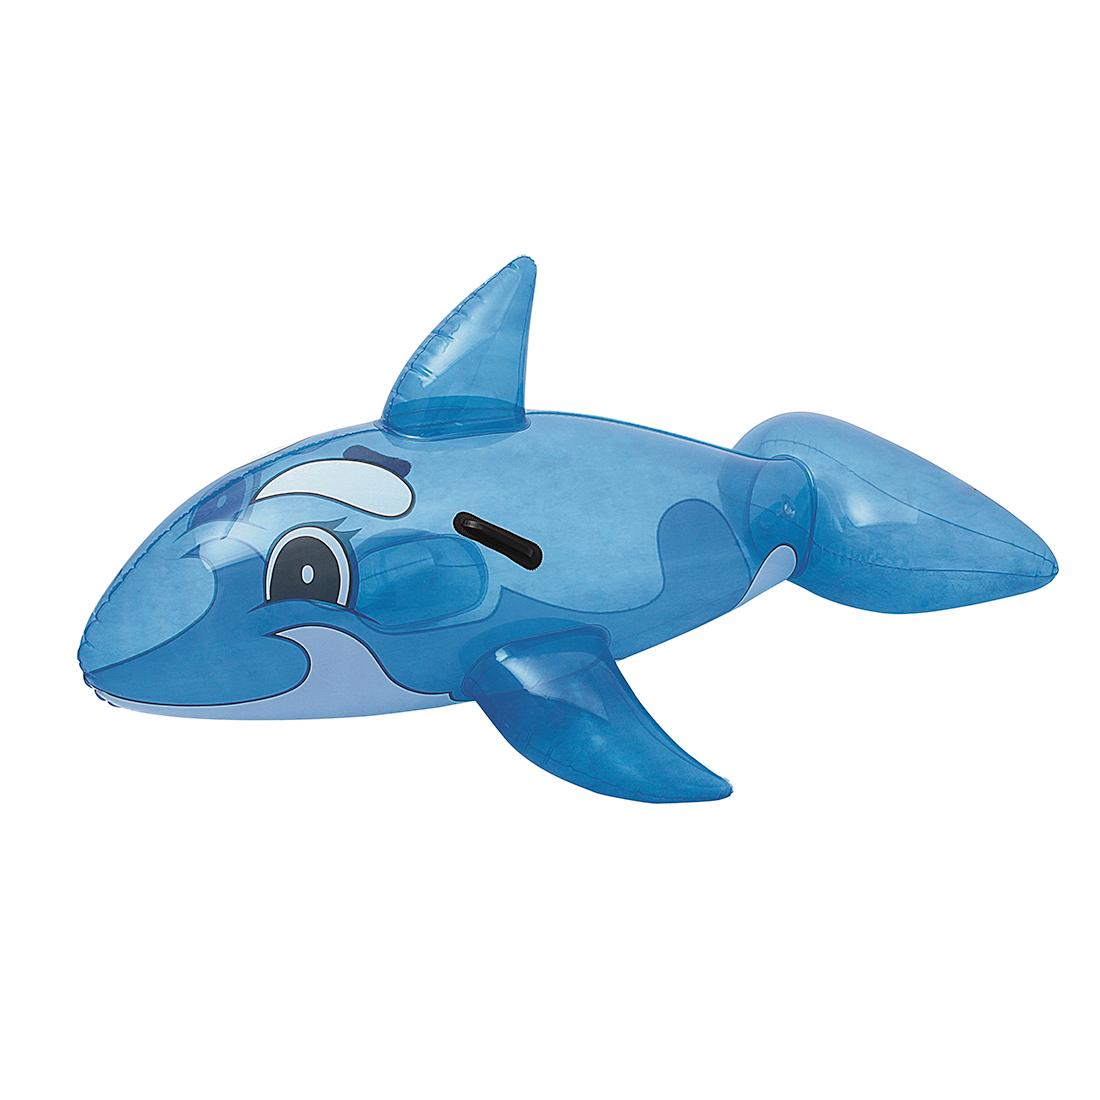 Надувная игрушка Bestway 41036 в форме дельфина для плавания